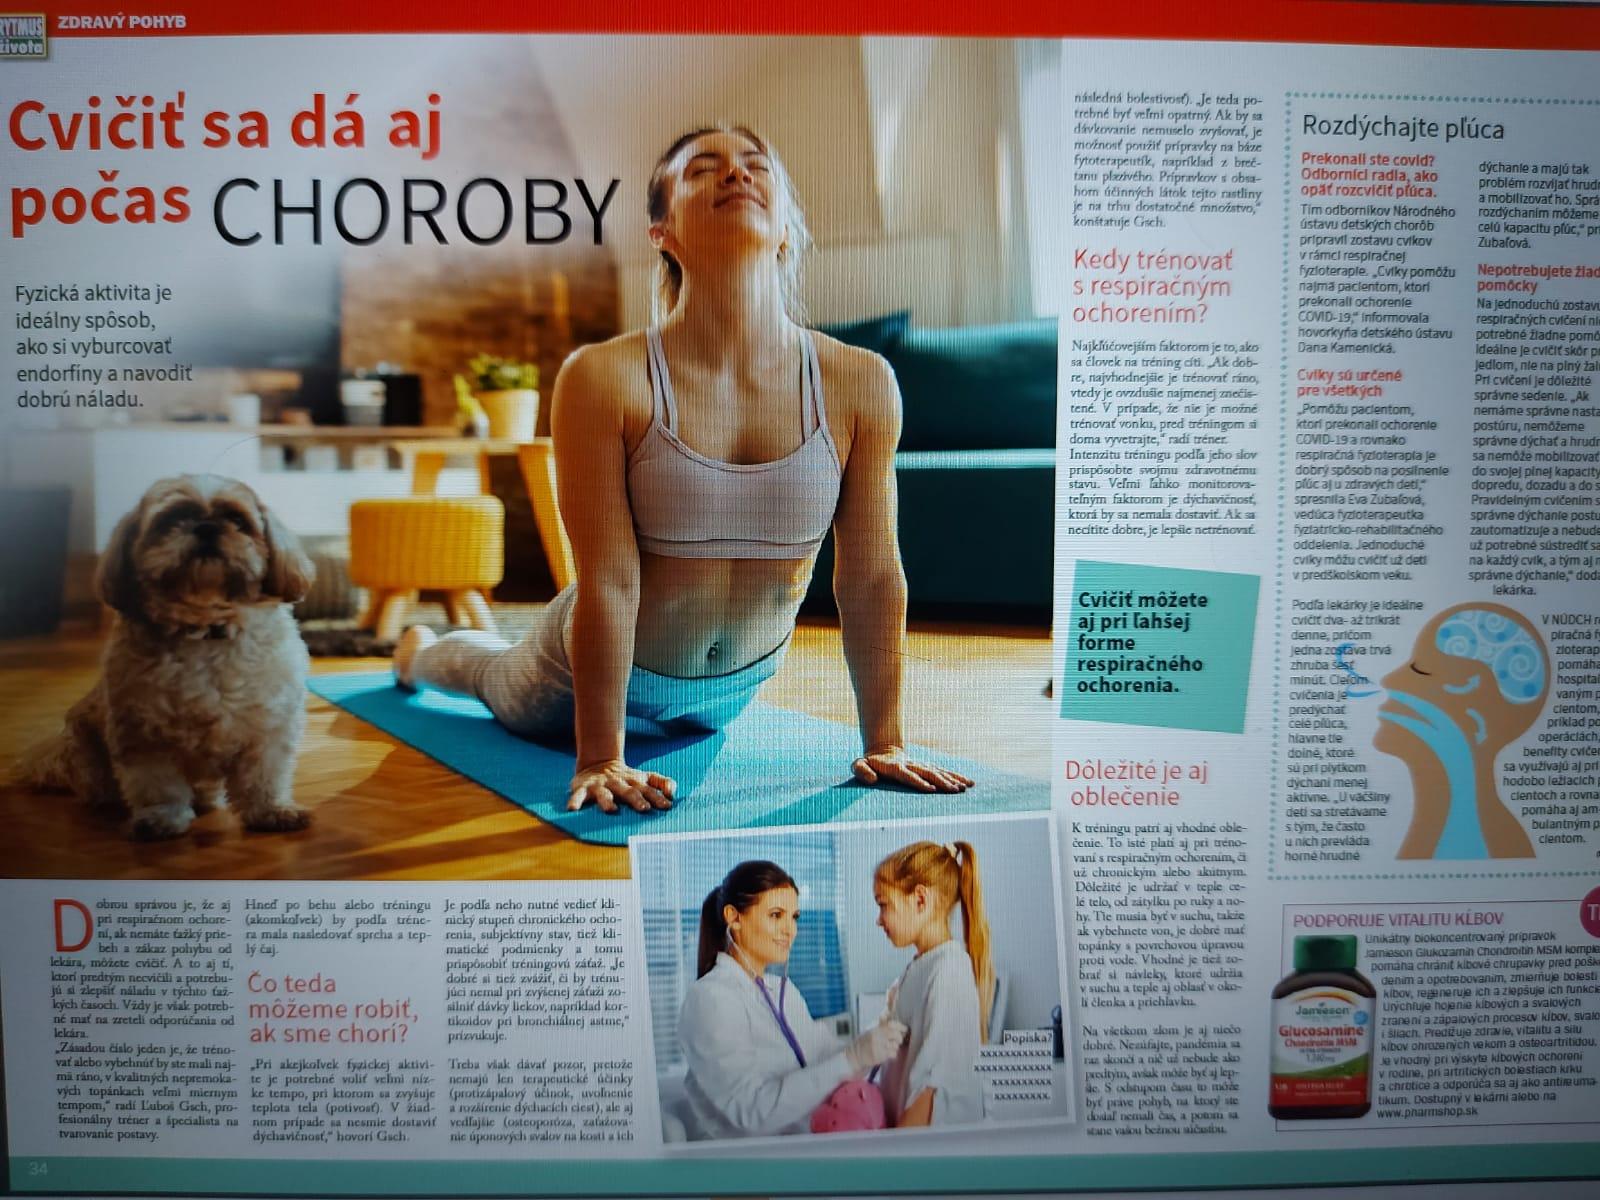 Rytmus života ZDRAVIE Ľuboš Gsch - tréning a respiračné ocohrenie